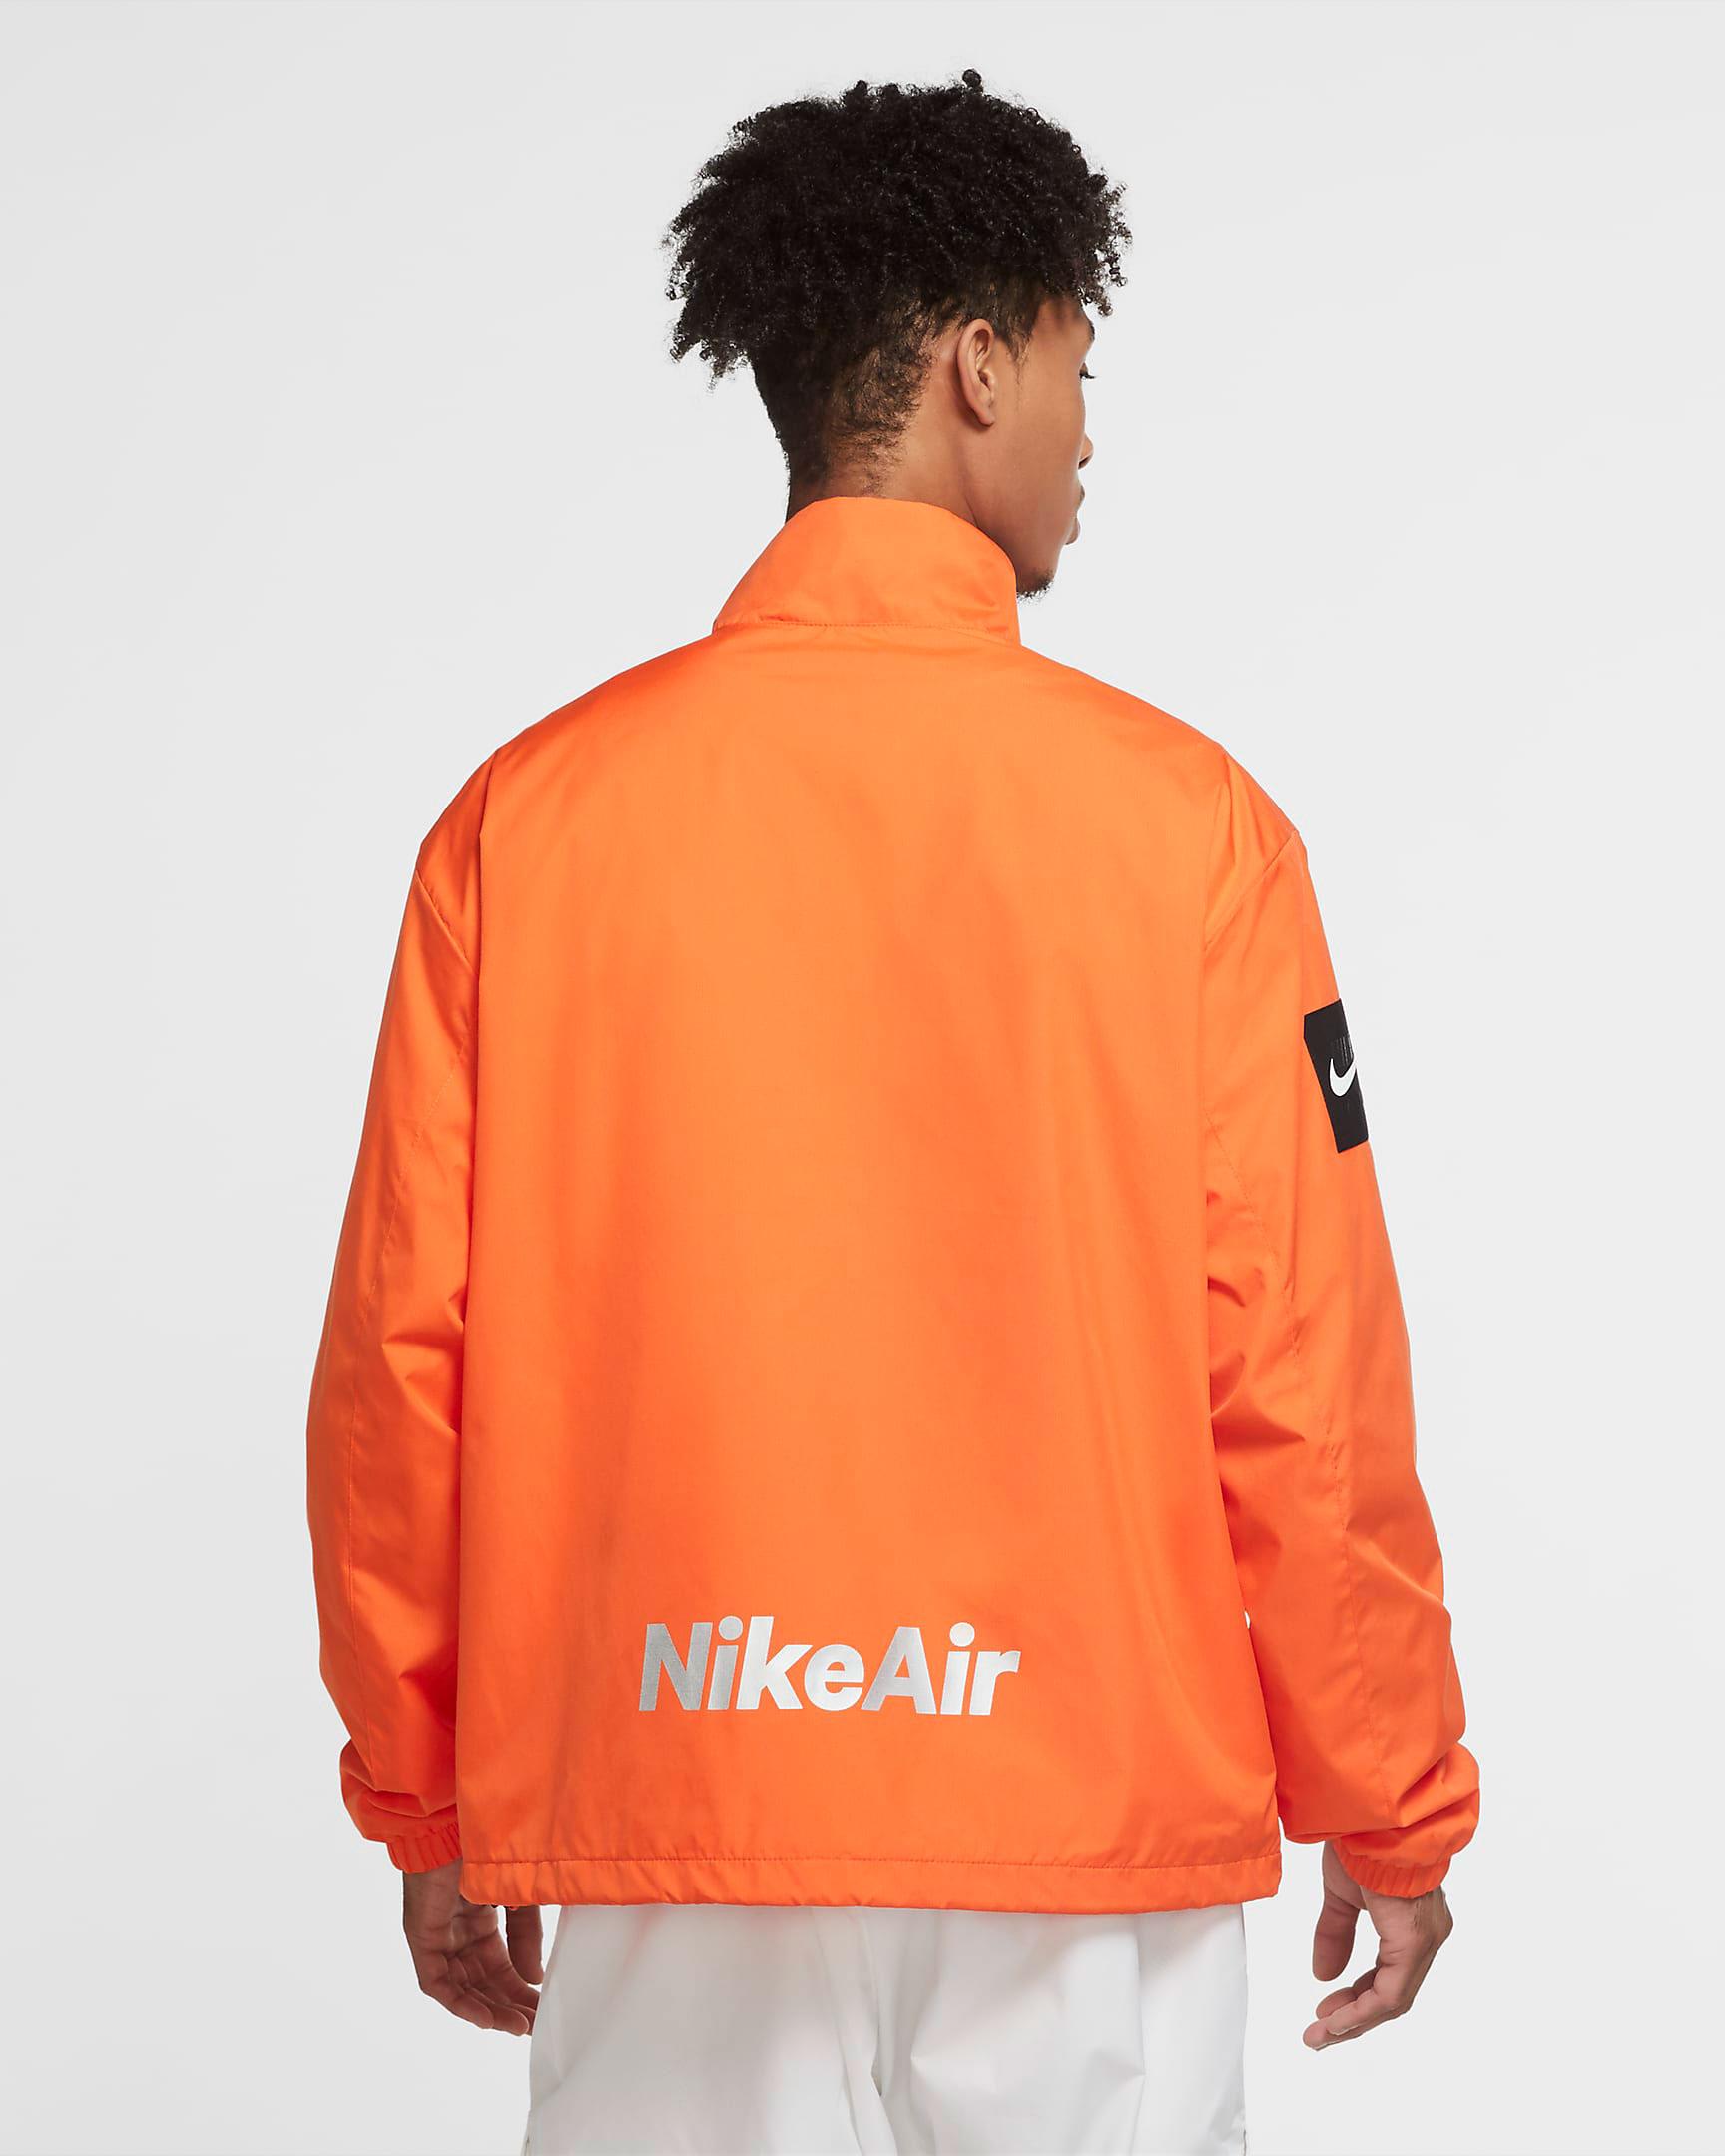 nike-air-foamposite-pro-halloween-jacket-2